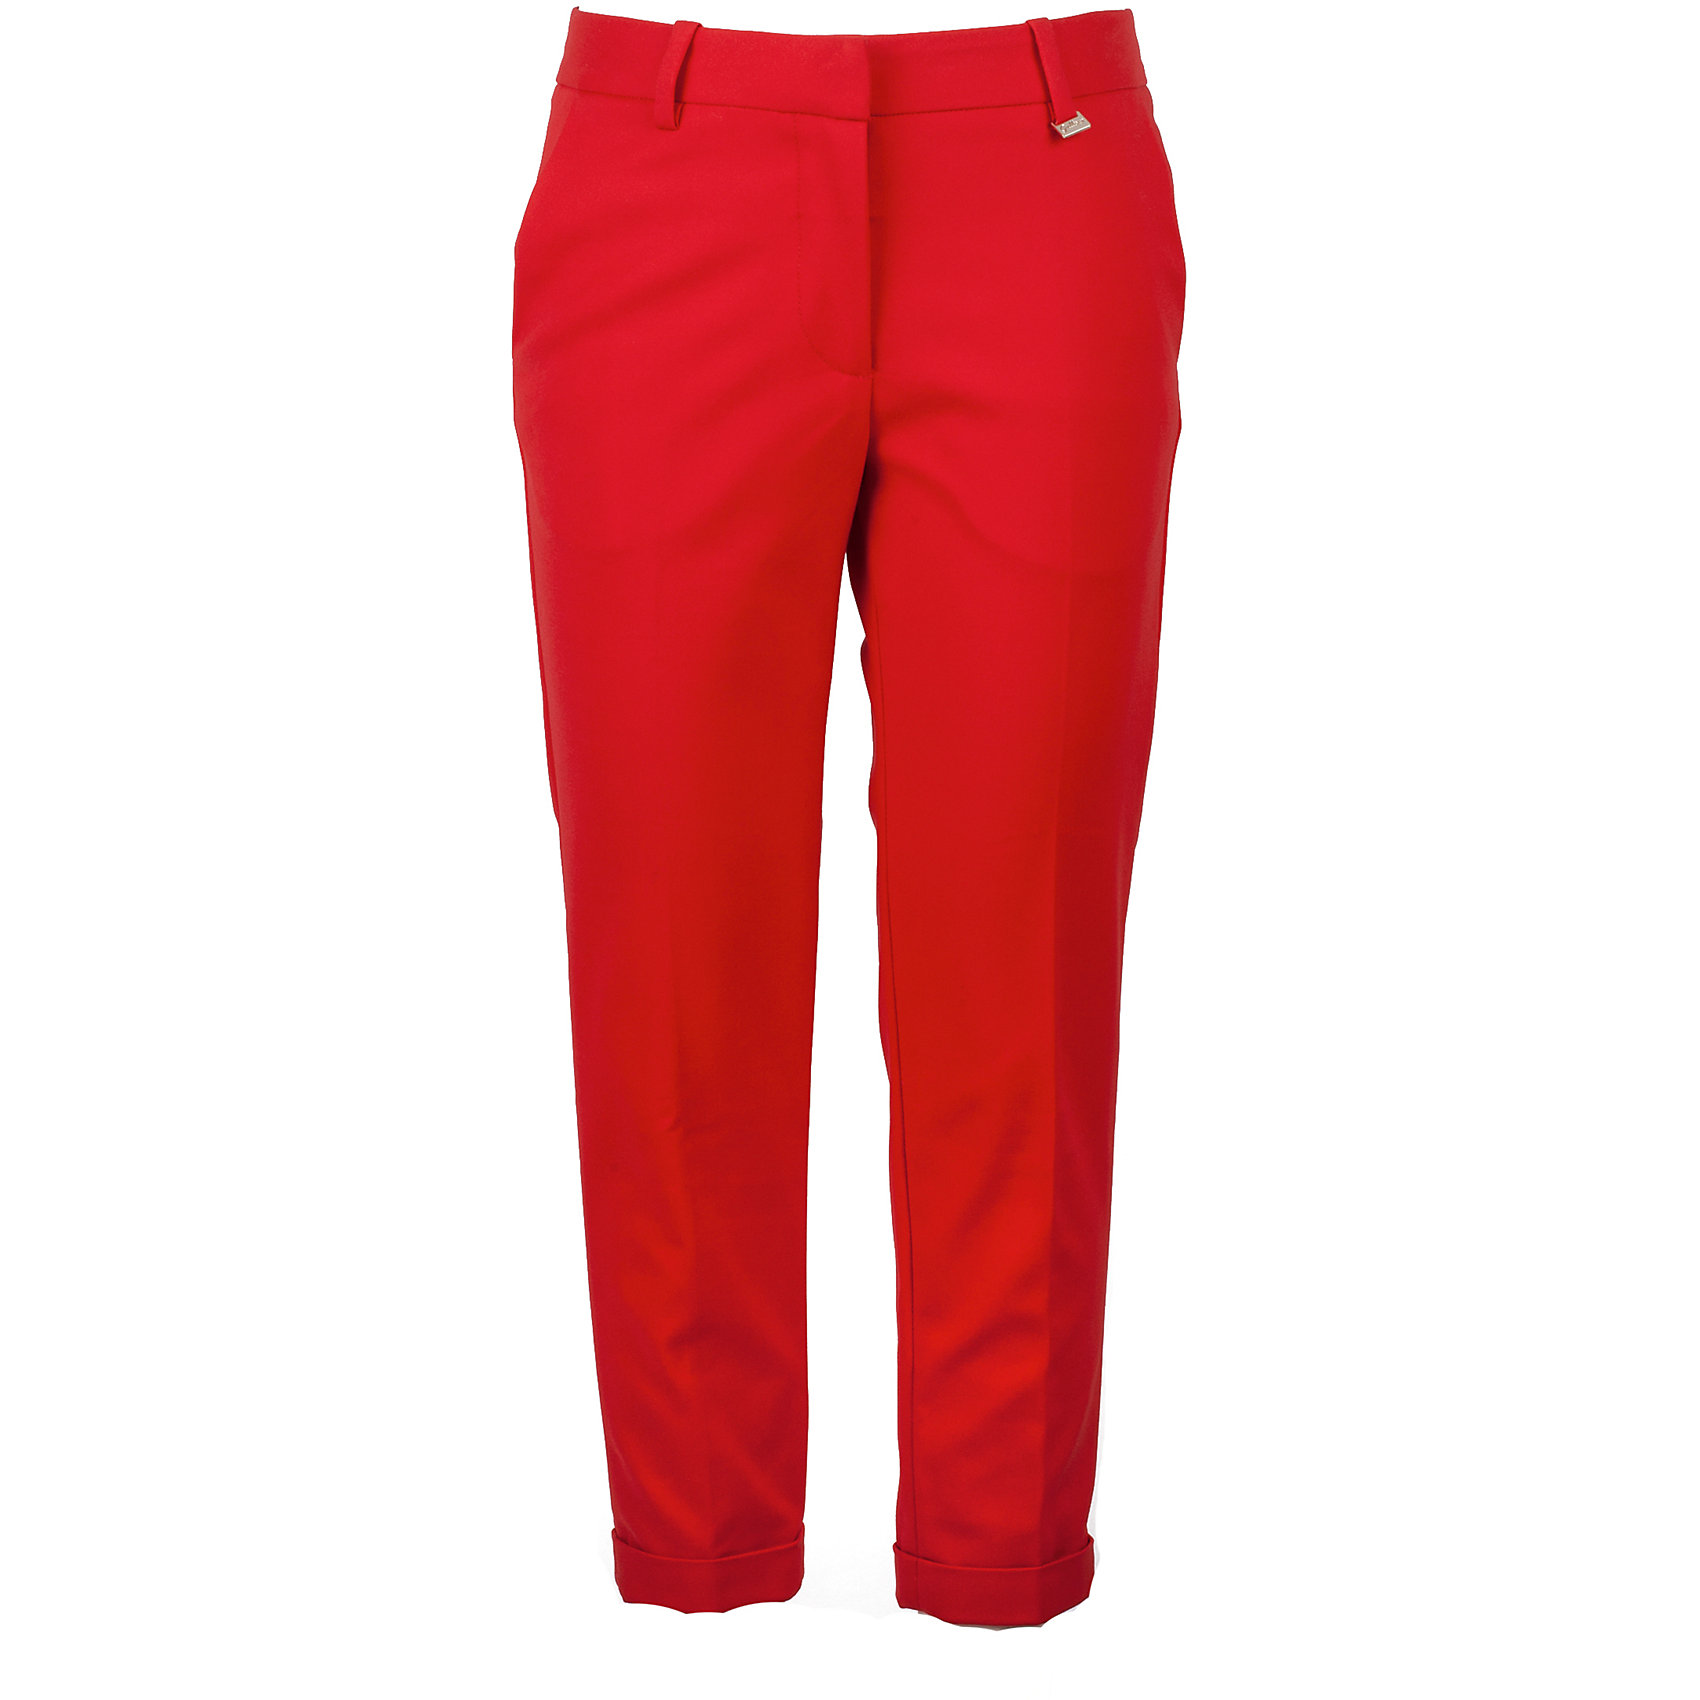 Брюки для девочки GulliverБрюки<br>Модные брюки для девочки в сезоне Весна/Лето 2017 - это вновь чуть укороченная и чуть зауженная к низу модель. Выполненные из хлопка с эластаном, красные брюки выглядят элегантно и изысканно. Если стиль вашего ребенка - не помпезный гламур, а удобный комфортный интеллигентный casual, эти брюки - то, что нужно.<br>Состав:<br>98% хлопок        2% эластан<br><br>Ширина мм: 215<br>Глубина мм: 88<br>Высота мм: 191<br>Вес г: 336<br>Цвет: красный<br>Возраст от месяцев: 120<br>Возраст до месяцев: 132<br>Пол: Женский<br>Возраст: Детский<br>Размер: 146,164,158,152<br>SKU: 5483175